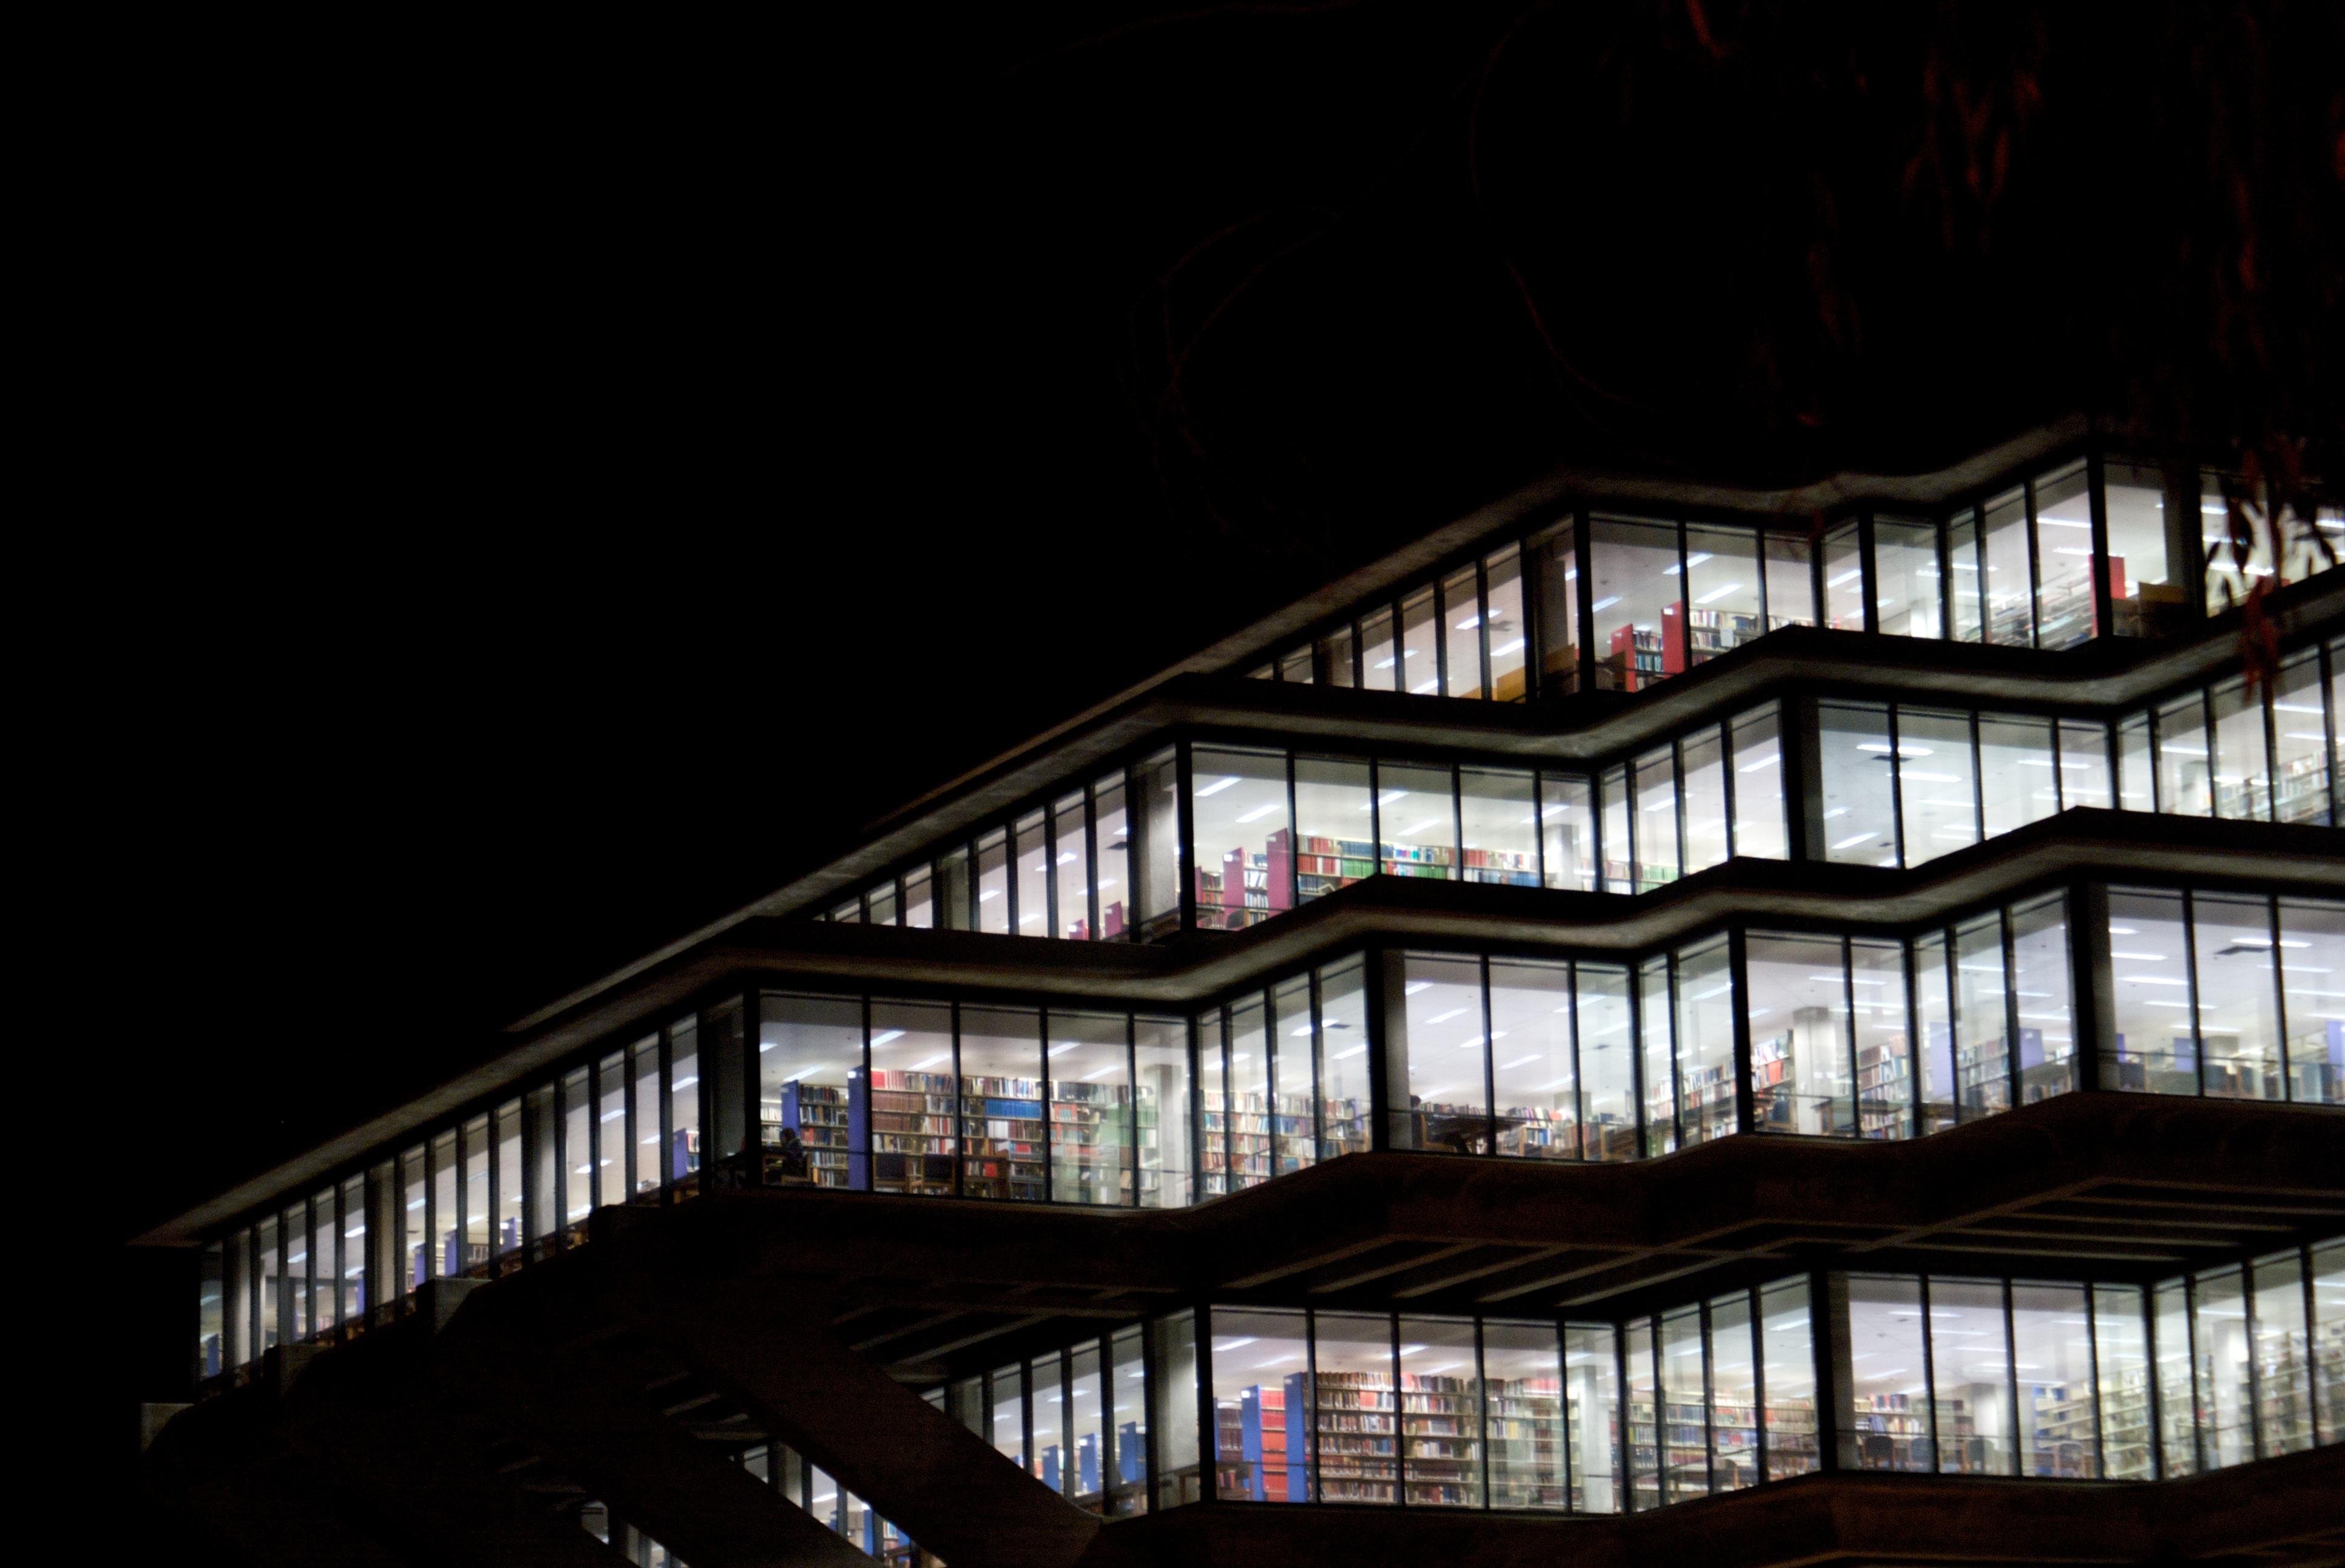 geisel_library_128.jpg